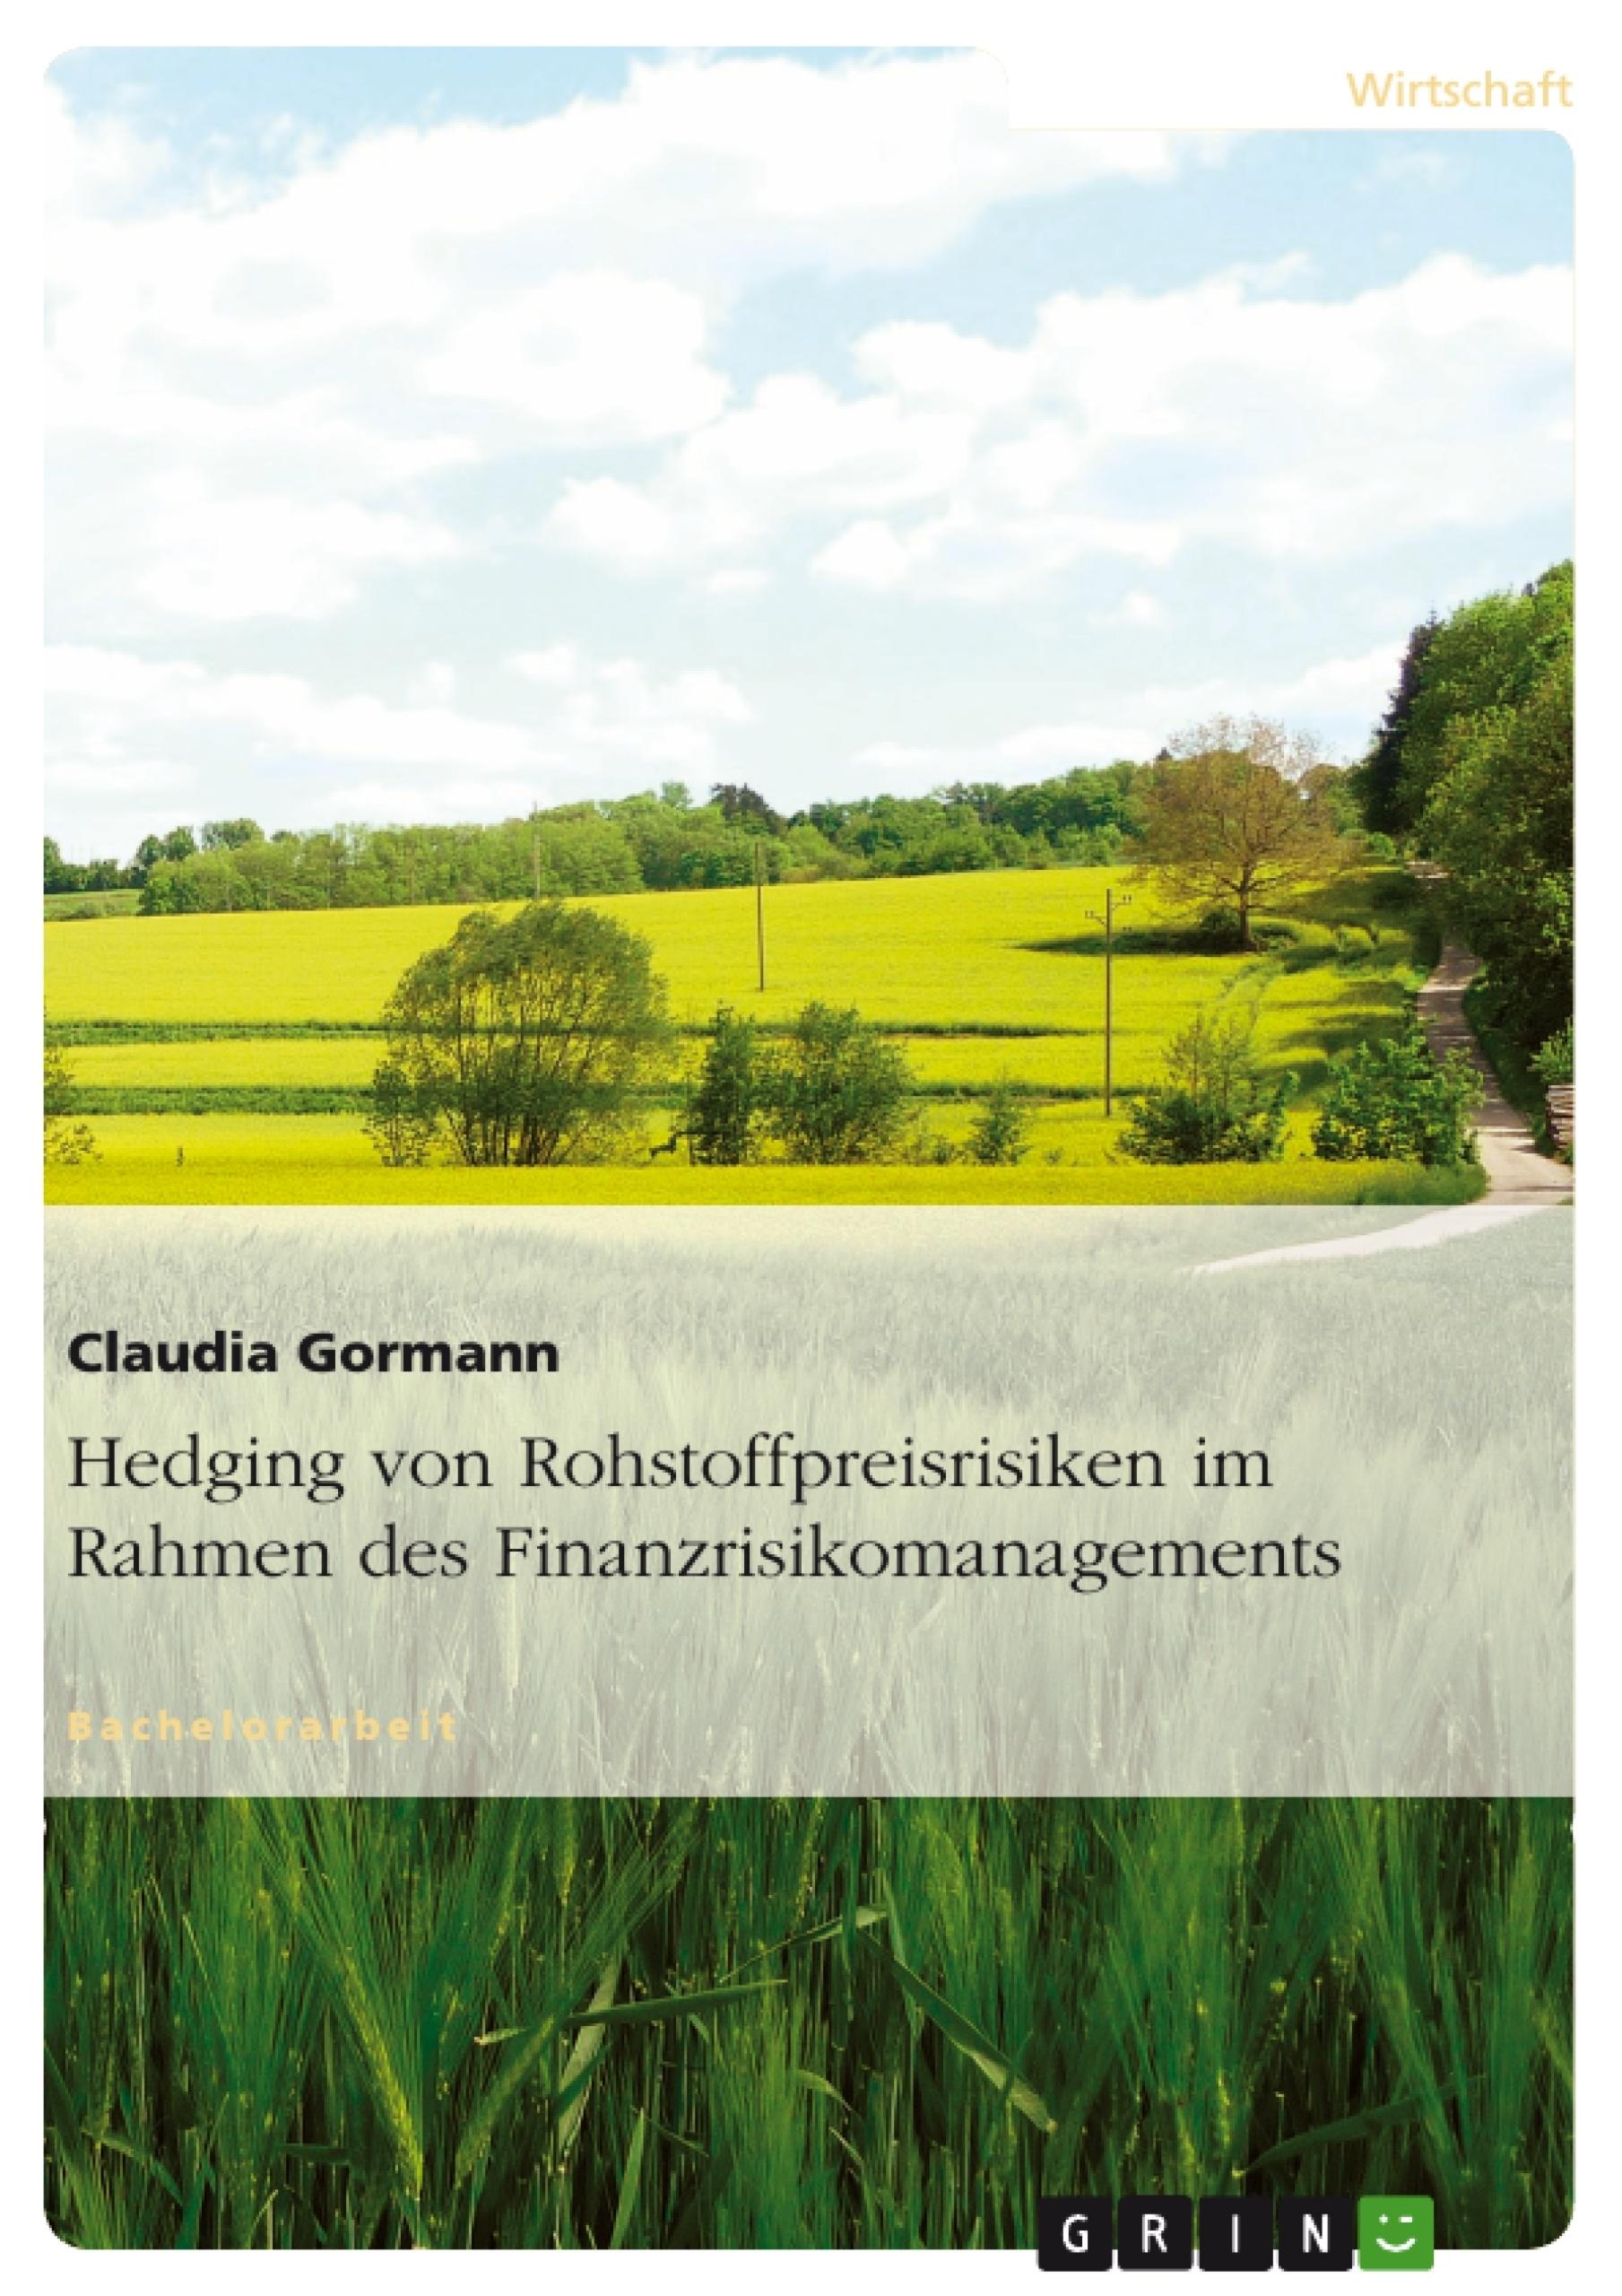 Titel: Hedging von Rohstoffpreisrisiken im Rahmen des Finanzrisikomanagements